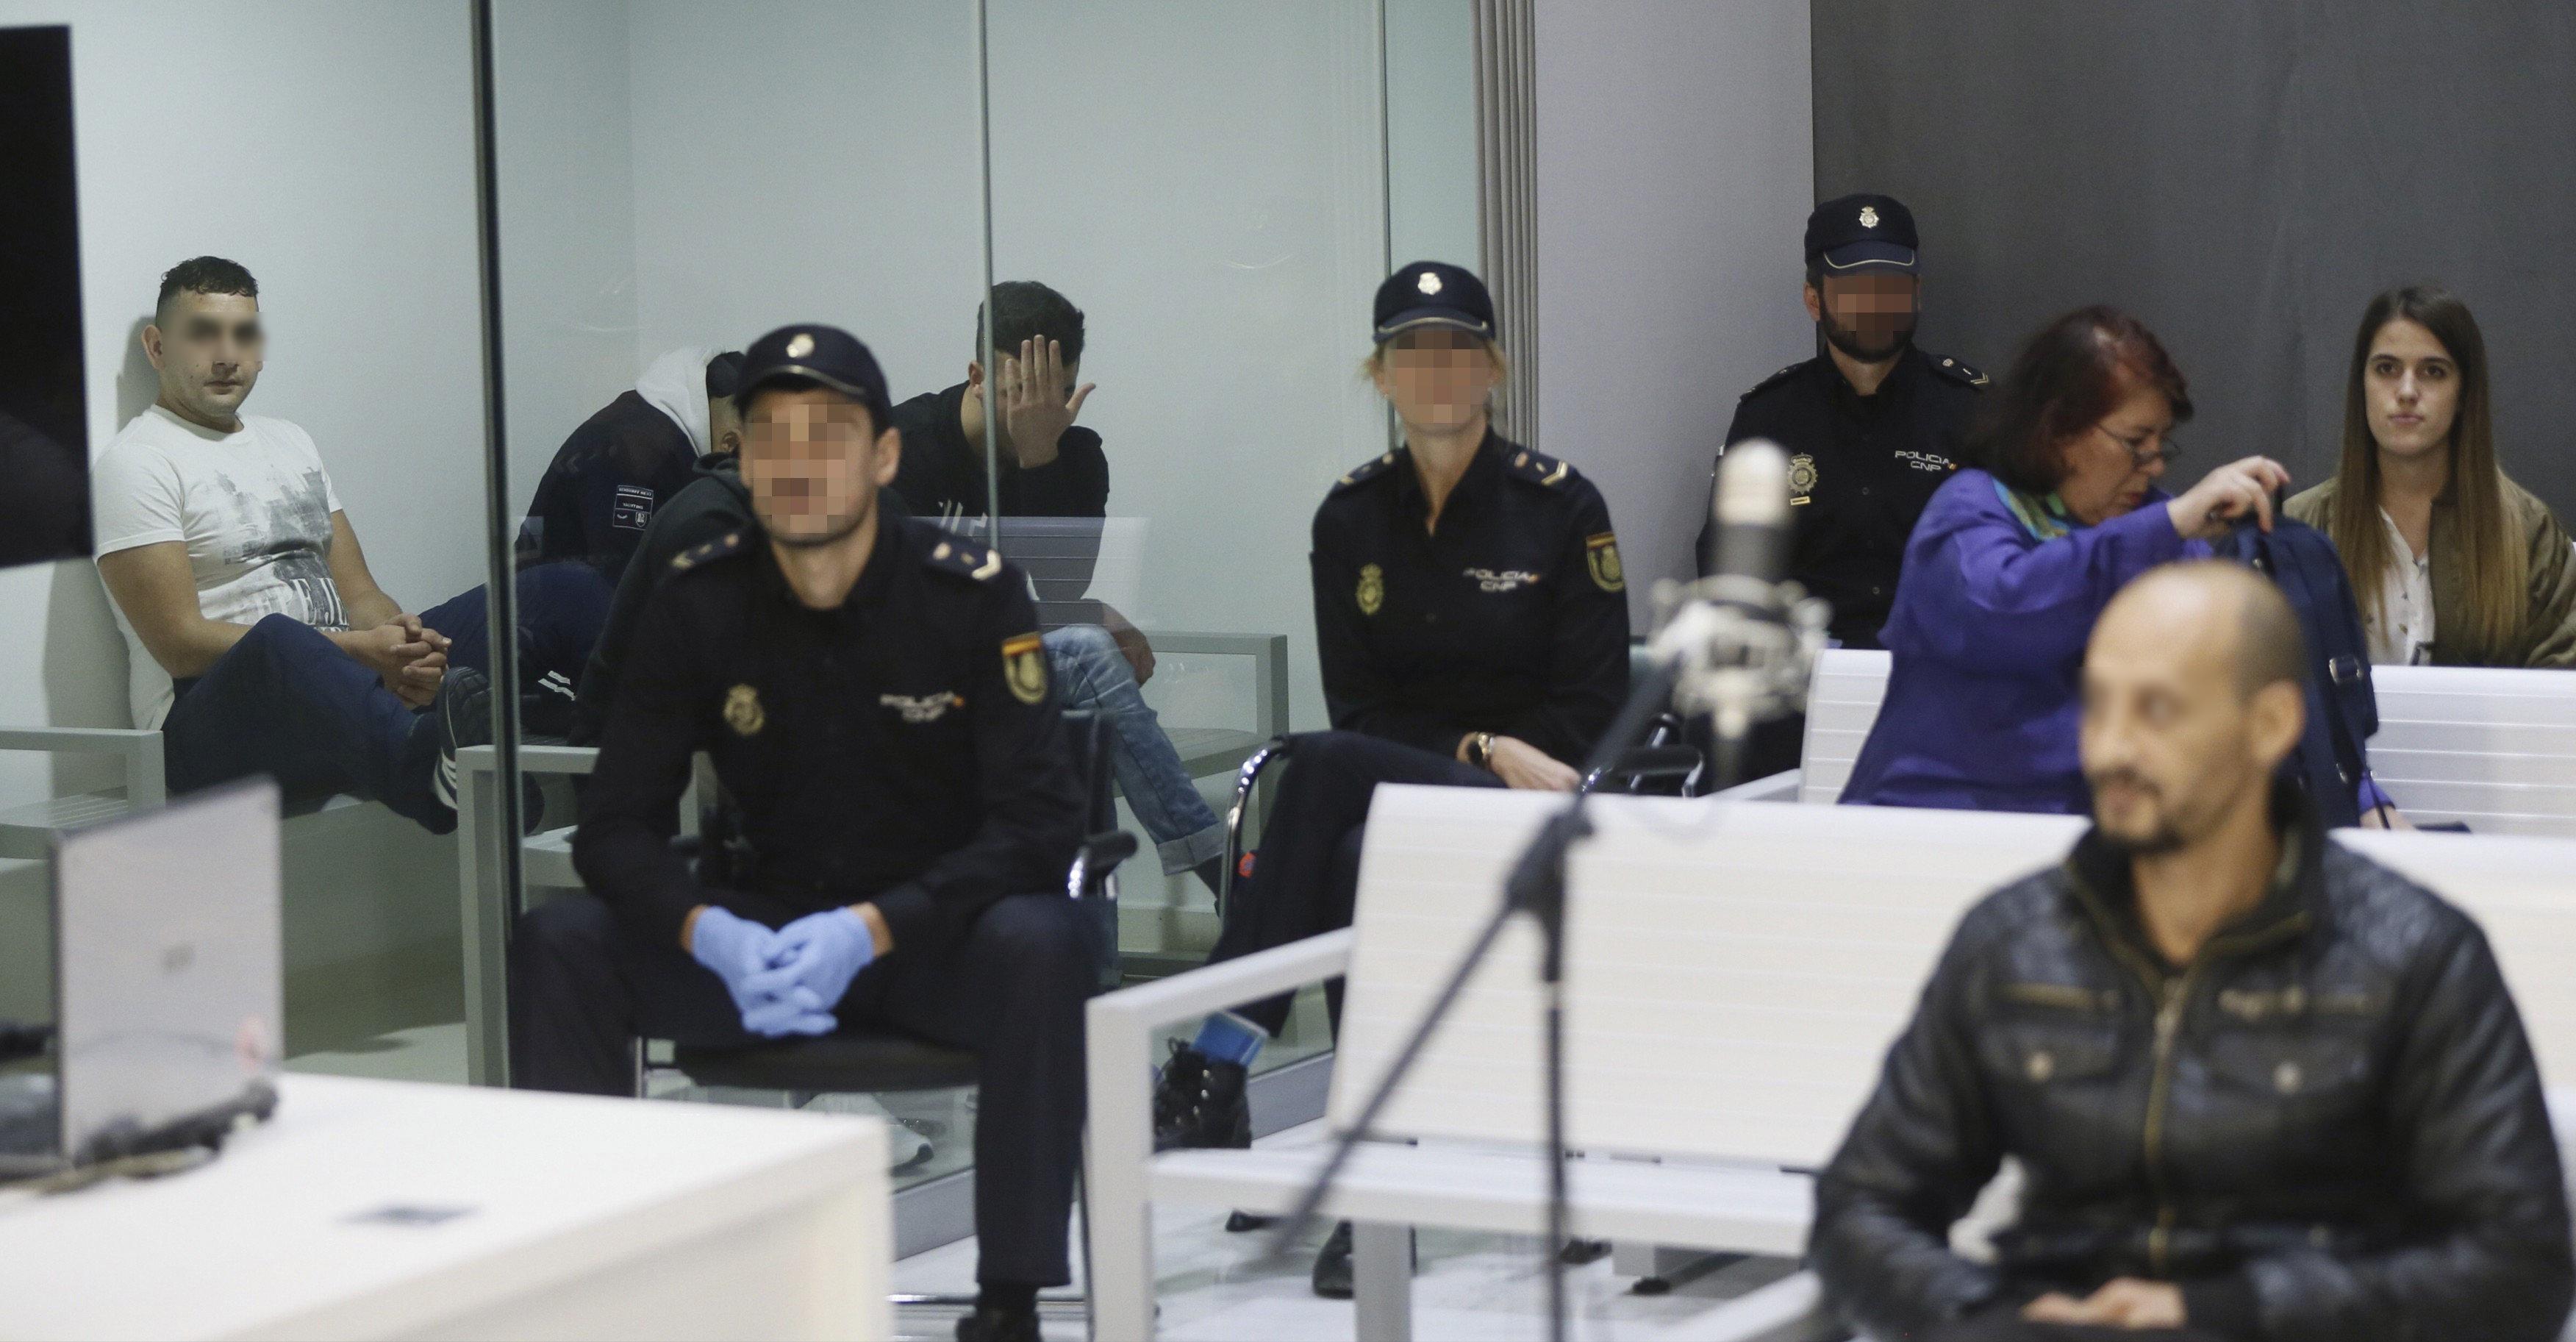 """Presunto líder terrorista en el juicio: """"Estoy aquí por José Coronado"""""""